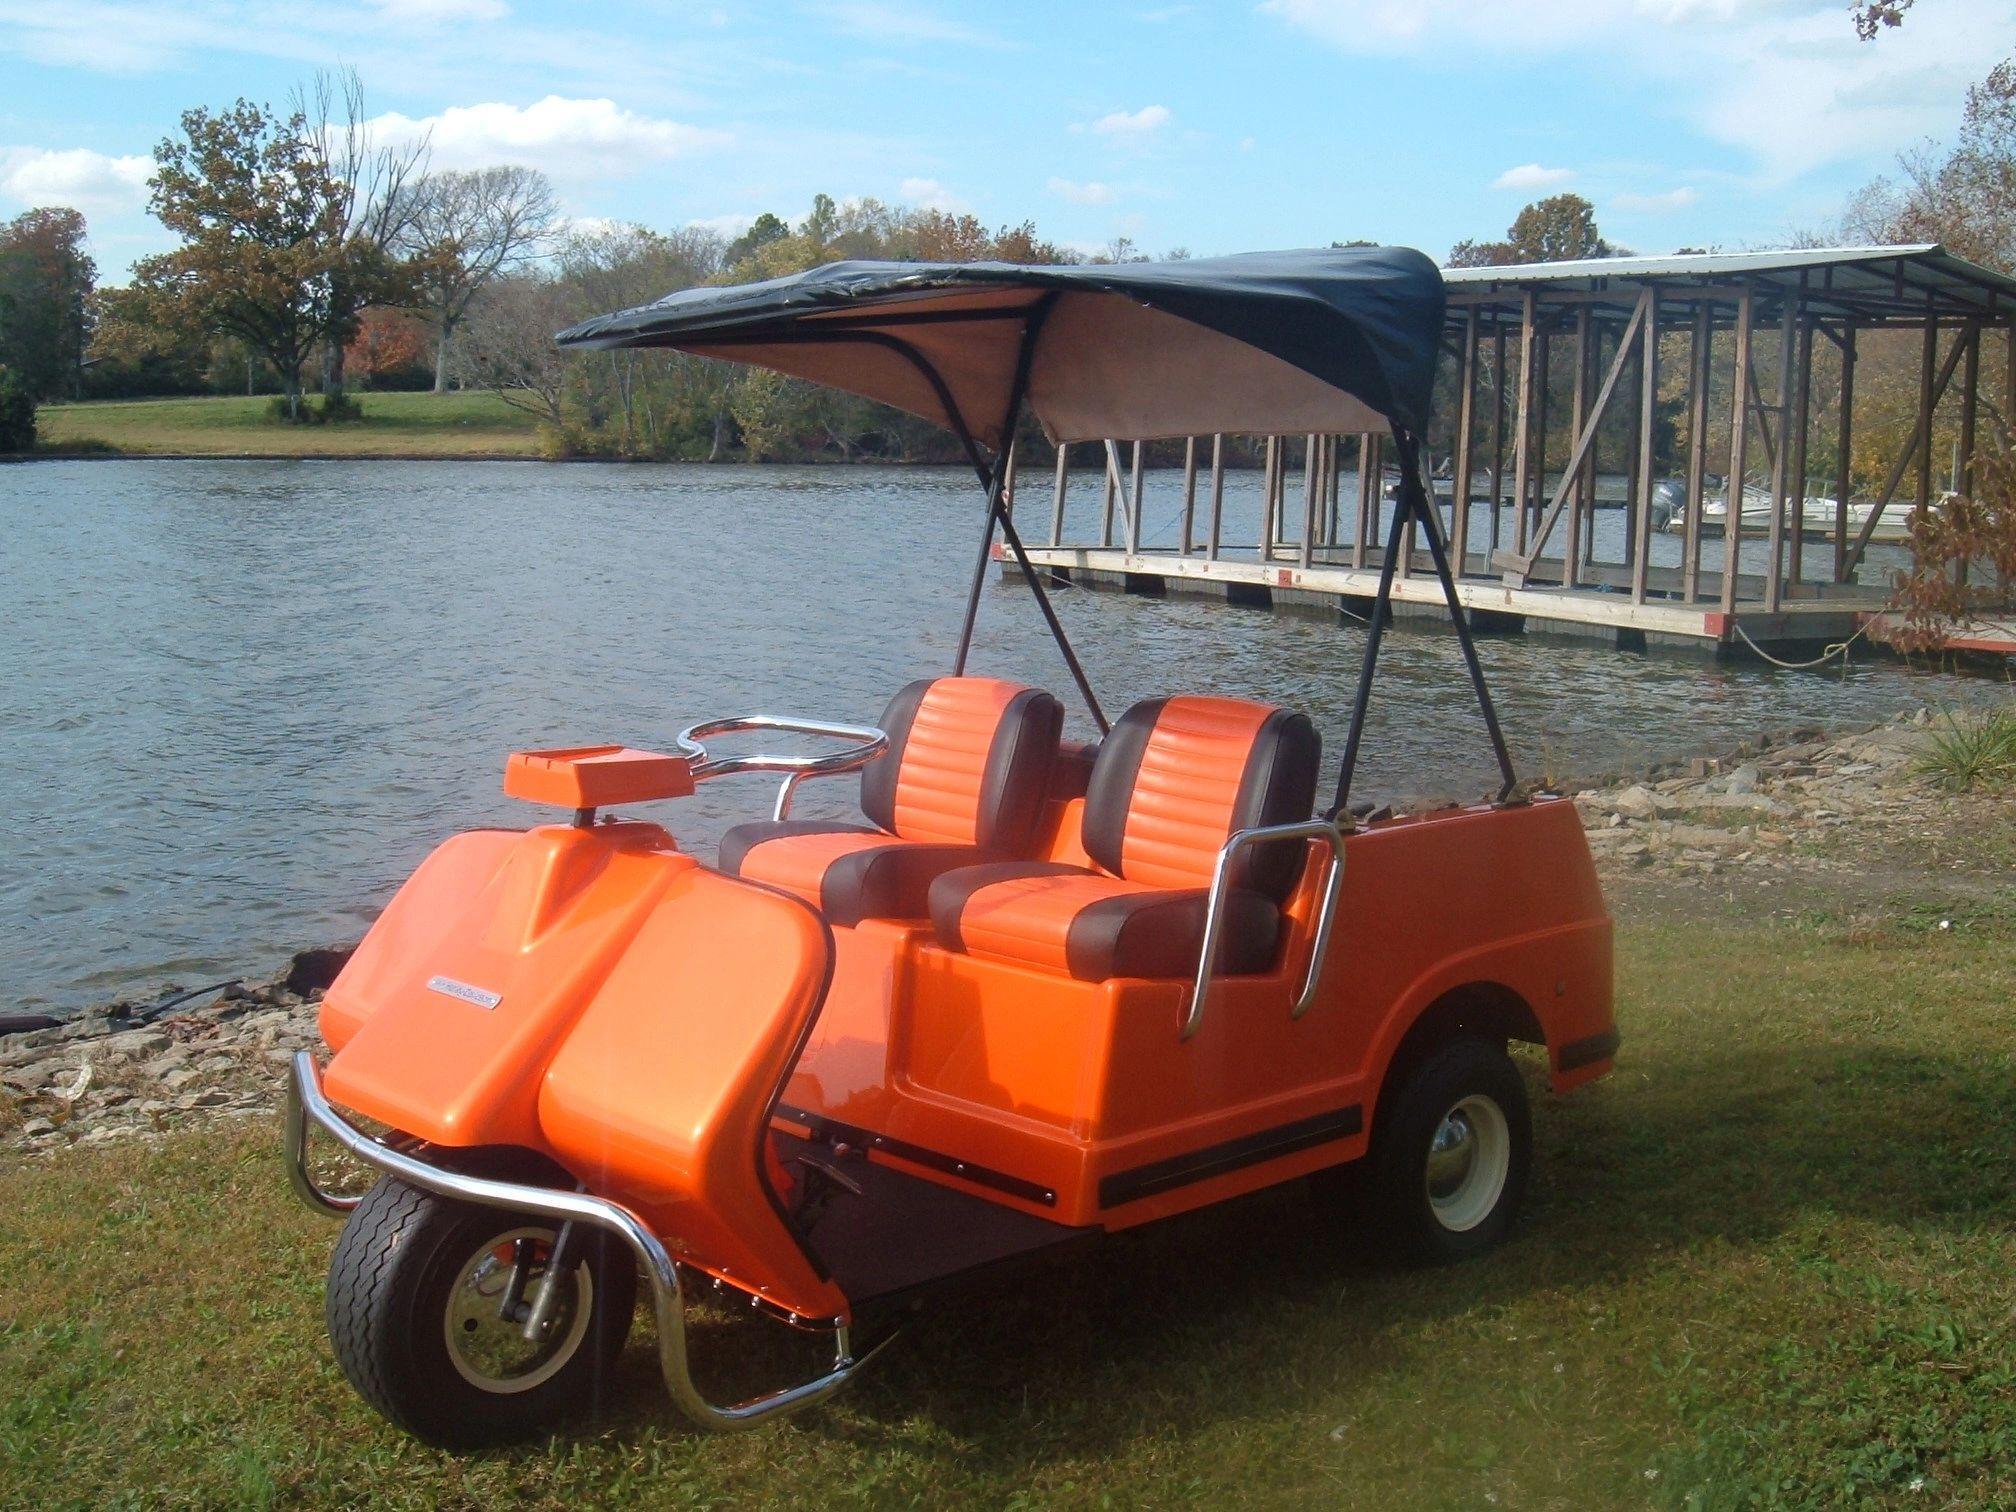 Melex Golf Carts Used on homemade golf cart, ferrari golf cart, coleman golf cart, case golf cart, michigan state golf cart, taylor-dunn golf cart, crosley golf cart, mg golf cart, antique looking golf cart, westinghouse golf cart, otis golf cart, kohler golf cart, ez-go golf cart, onan golf cart, hummer golf cart, international golf cart, custom golf cart, solorider golf cart, harley davidson golf cart, komatsu golf cart,